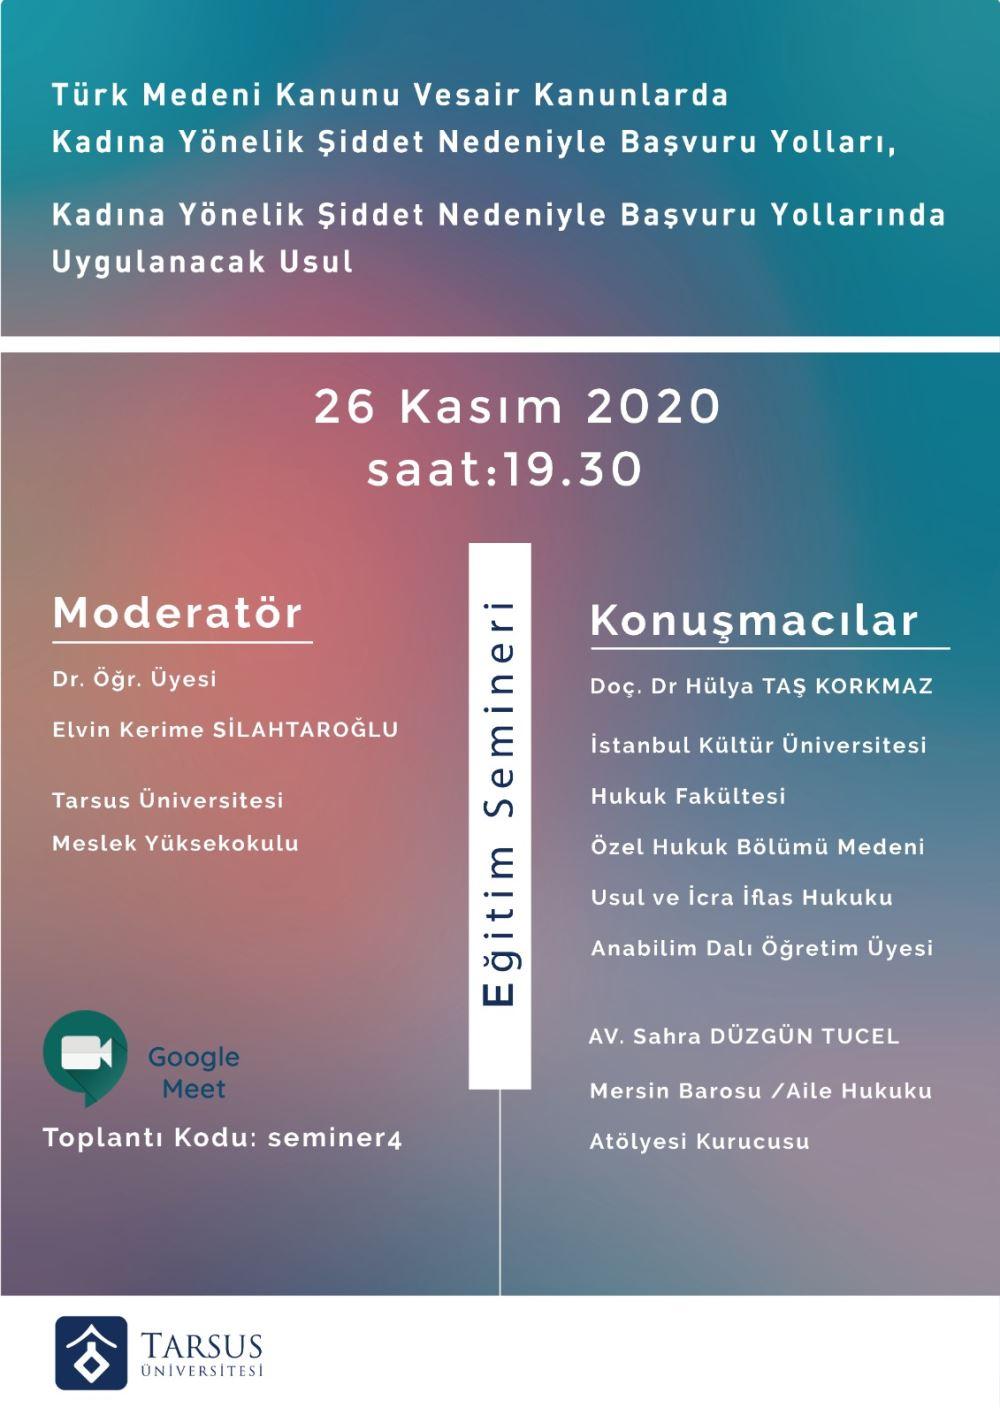 Türk Medeni Kanunu Vesair Kanunlarda Kadına Yönelik Şiddet Nedeniyle Başvuru Yolları, Kadına Yönelik Şiddet Nedeniyle Başvuru Yollarında Uygulanacak Usul